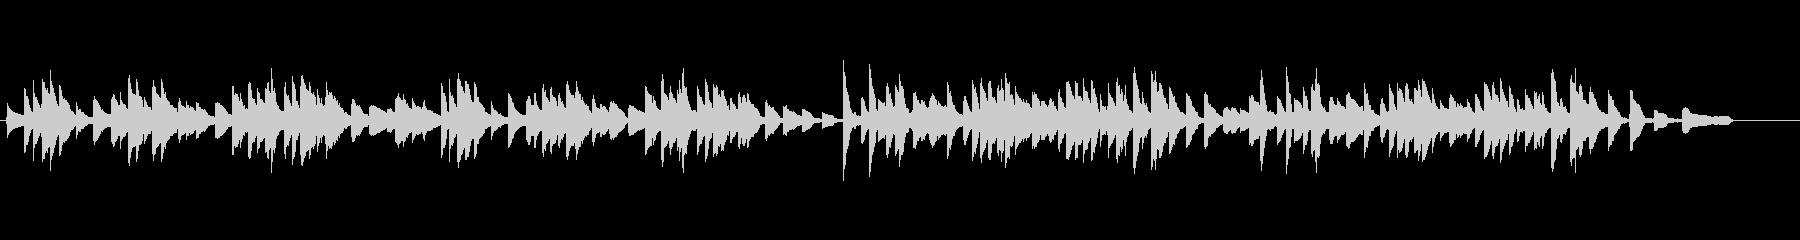 バッハ、悲しいメヌエットの未再生の波形